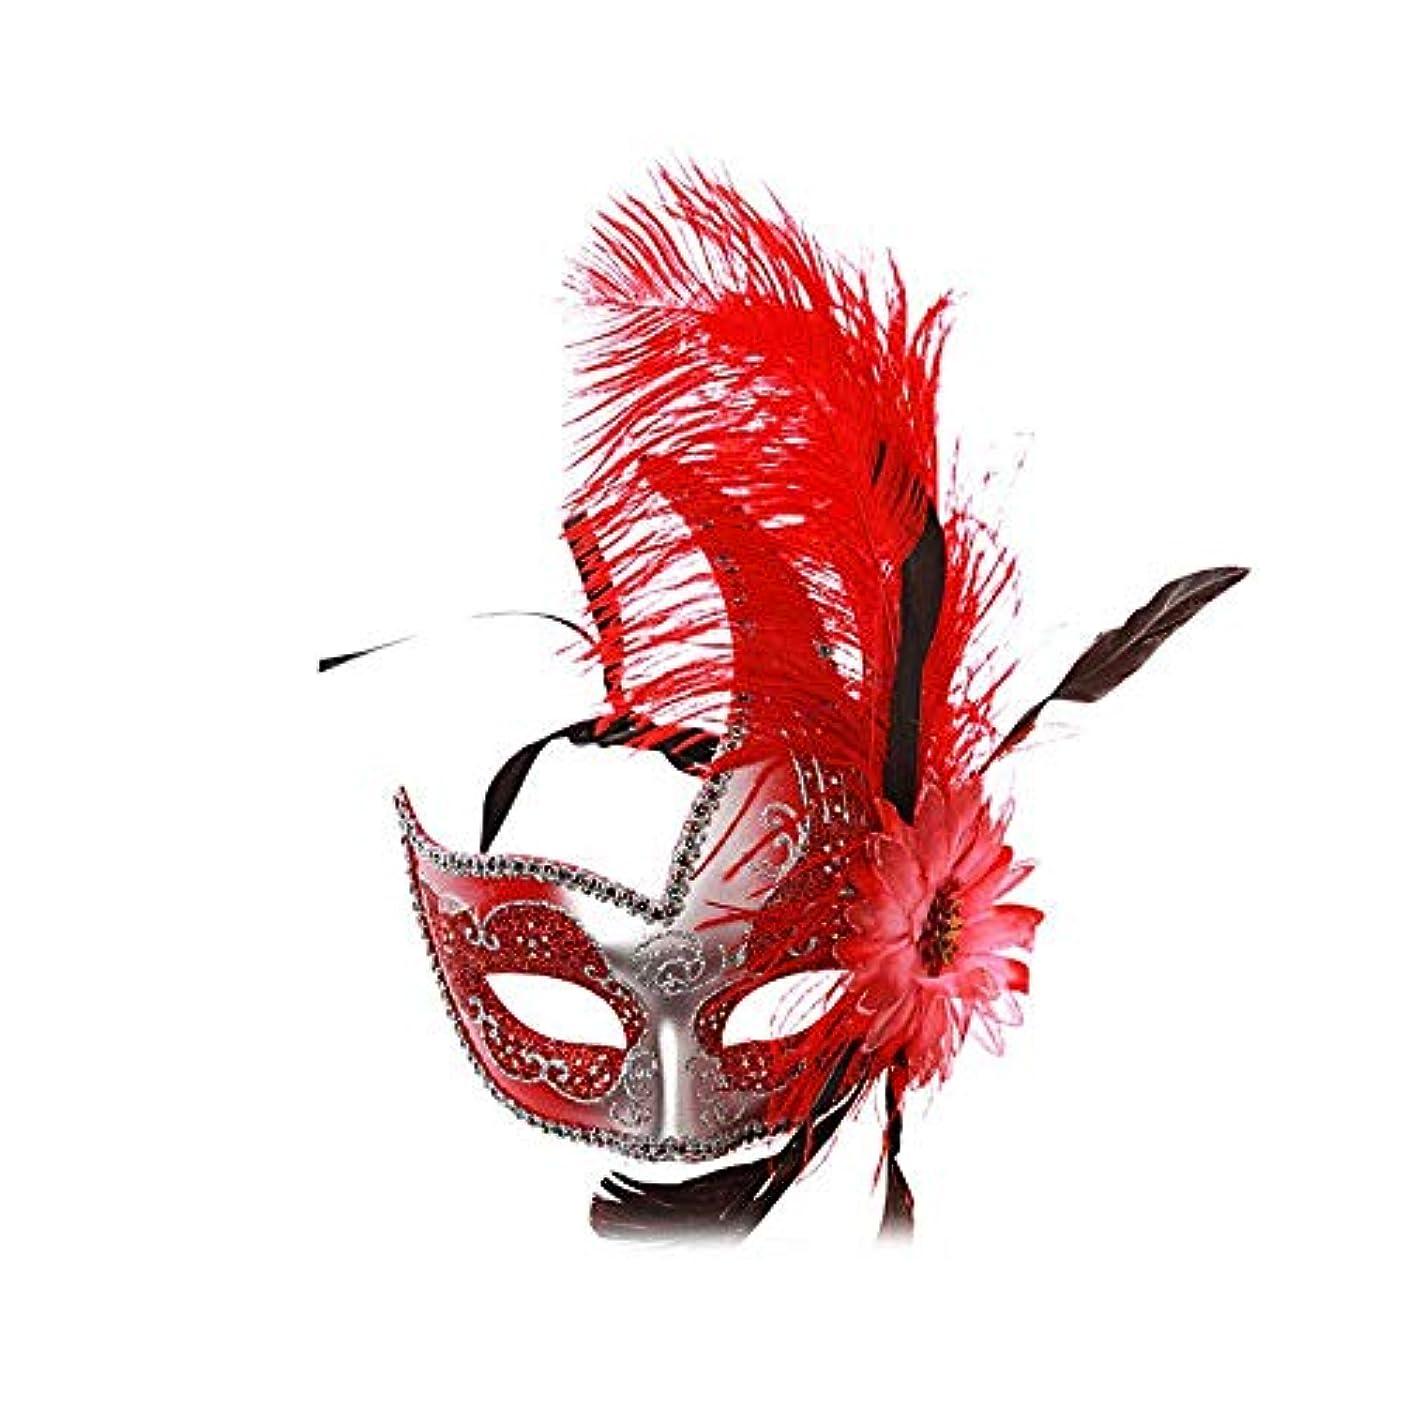 怖がって死ぬ故障中部屋を掃除するNanle ハロウィンマスクハーフフェザーマスクベニスプリンセスマスク美容レース仮面ライダーコスプレ (色 : Style B red)